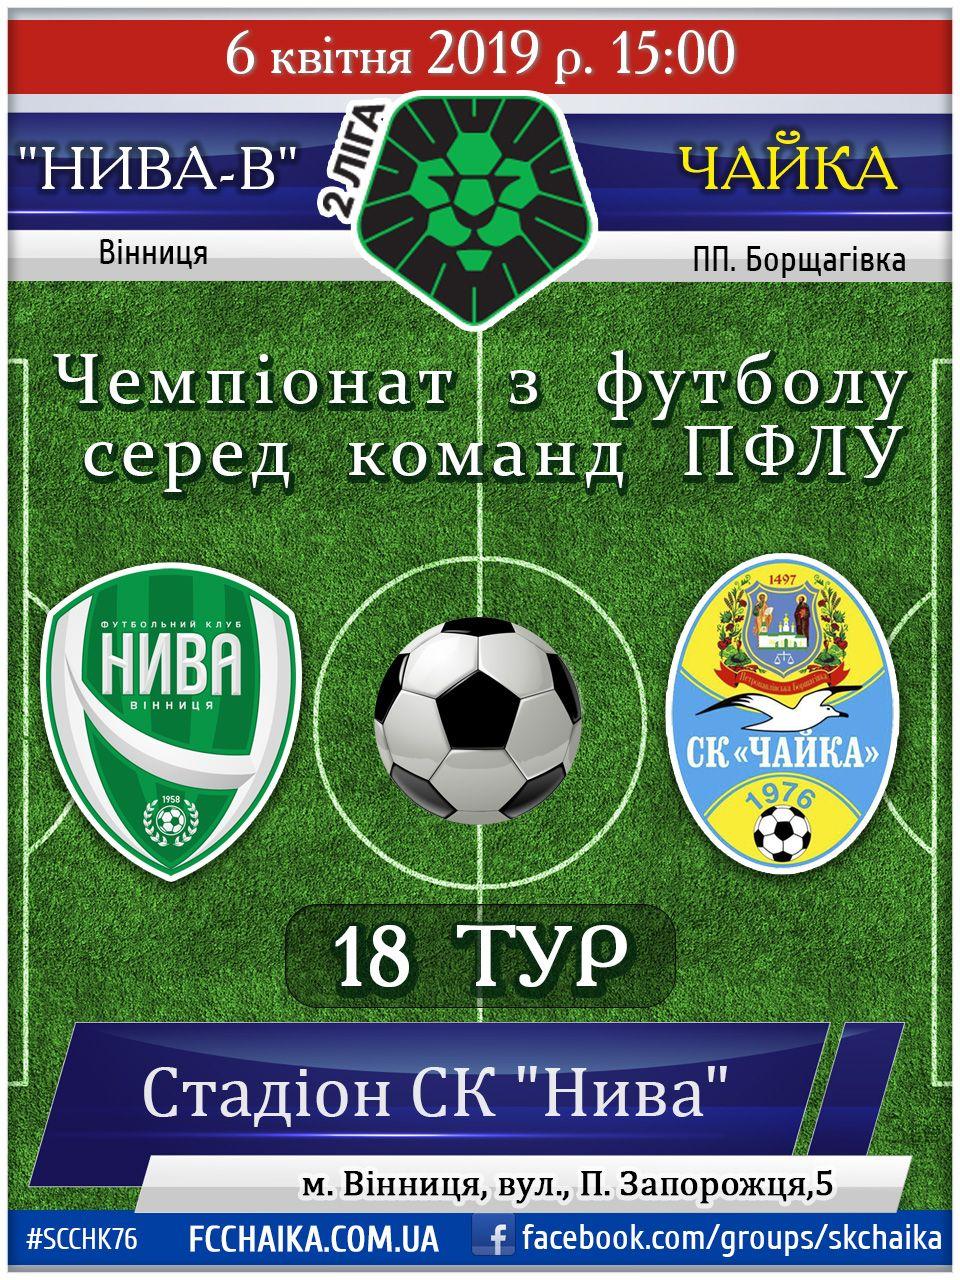 Чемпіонат з футболу серед команд ПФЛУ, Друга ліга 18 тур 06 квітня 2019 р. 15:00